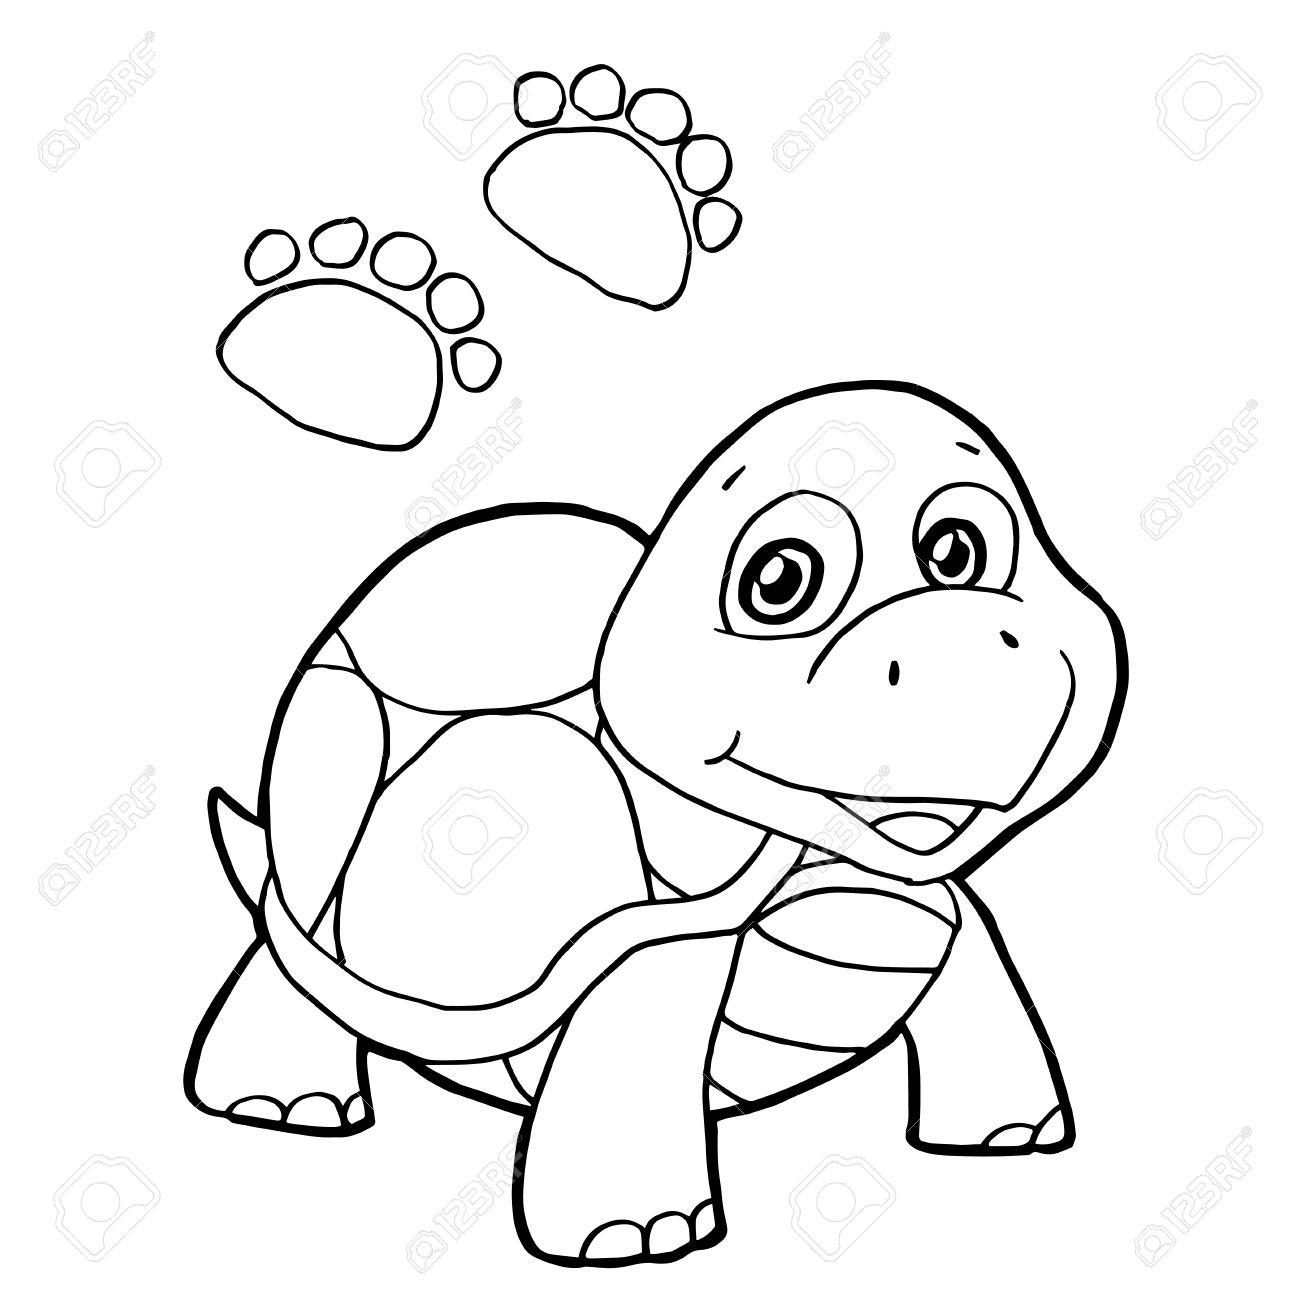 Pfotenabdruck Mit Schildkröte Malvorlagen Vektor Lizenzfrei Nutzbare ...